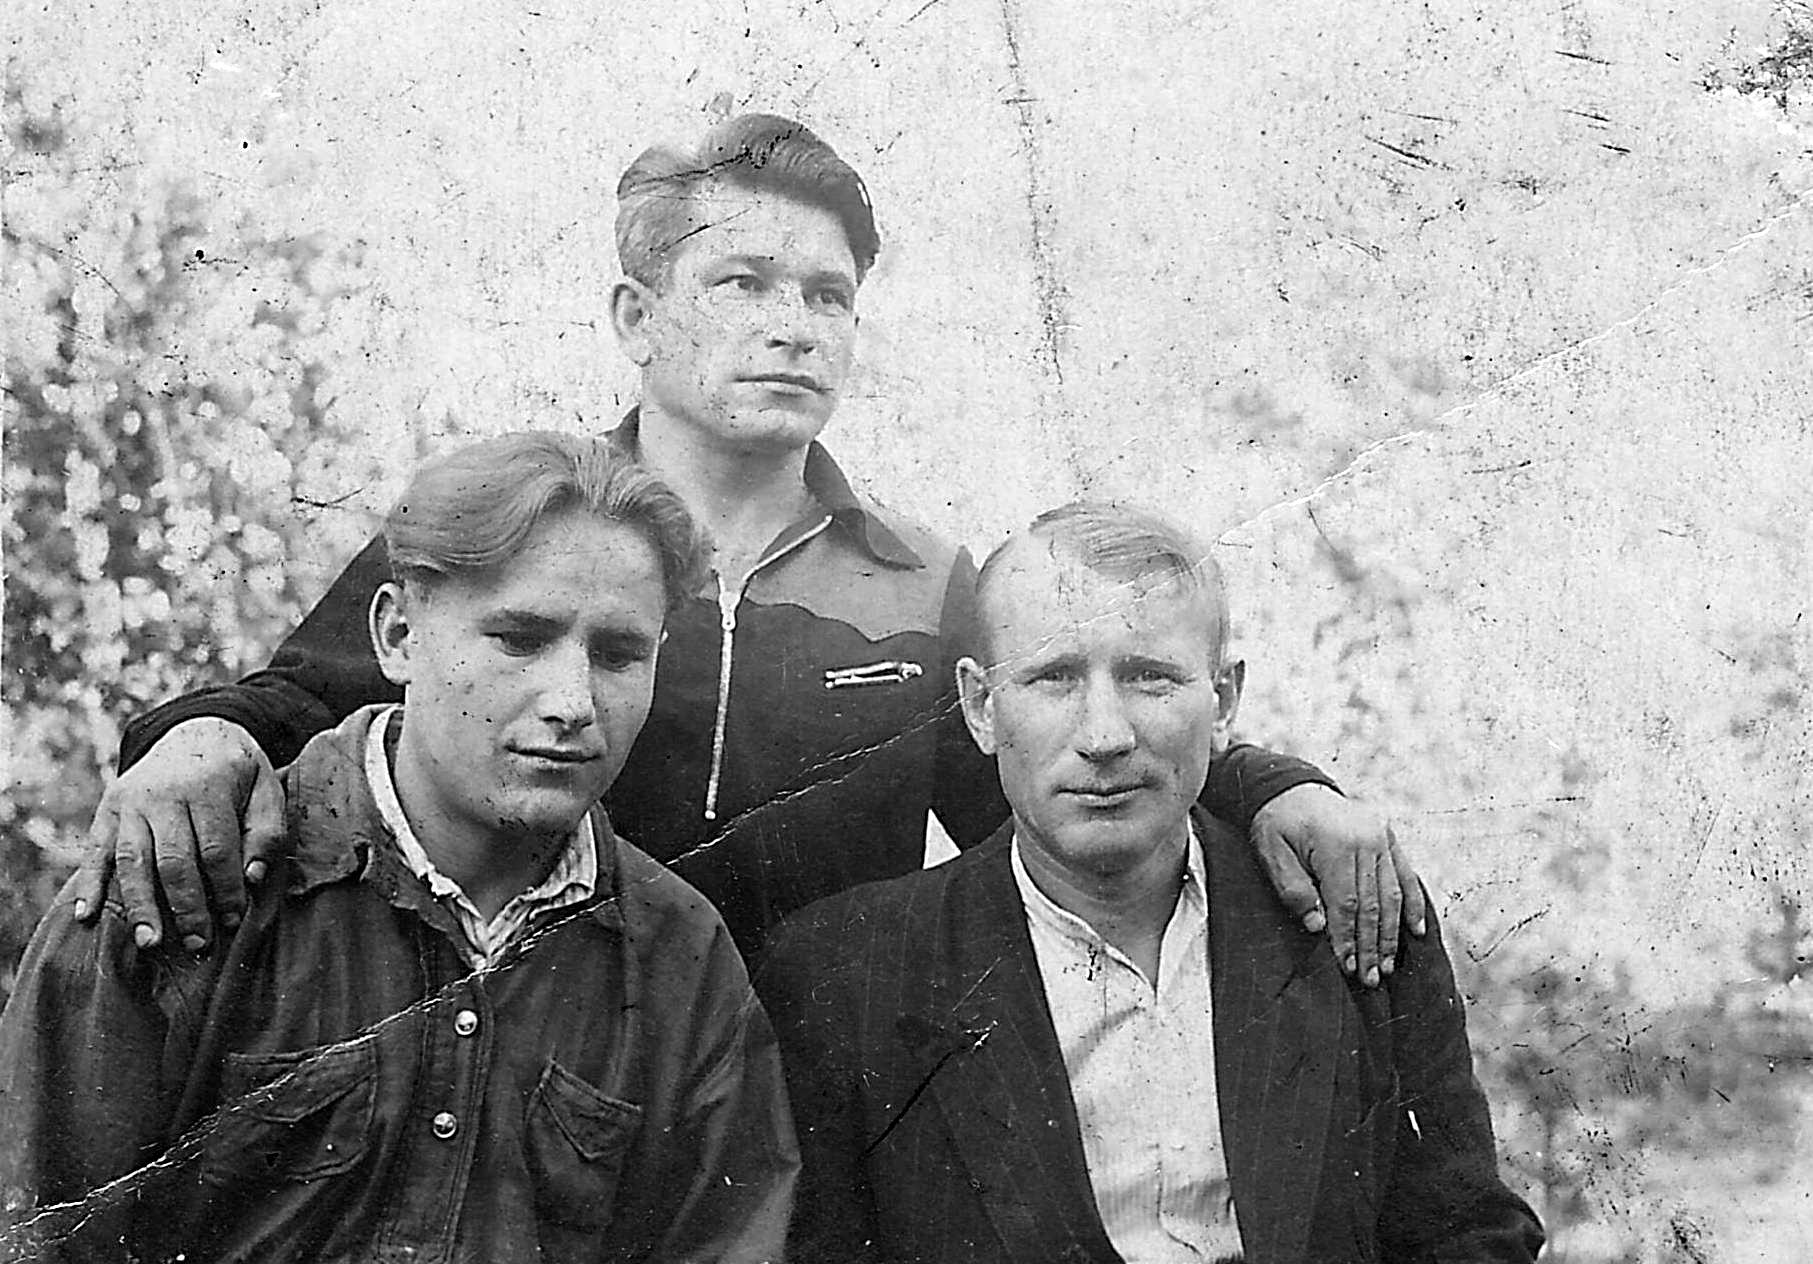 Добрецов Александр Федорович ( в центре) фото из семейного архива внука Добрецова А.Ю.